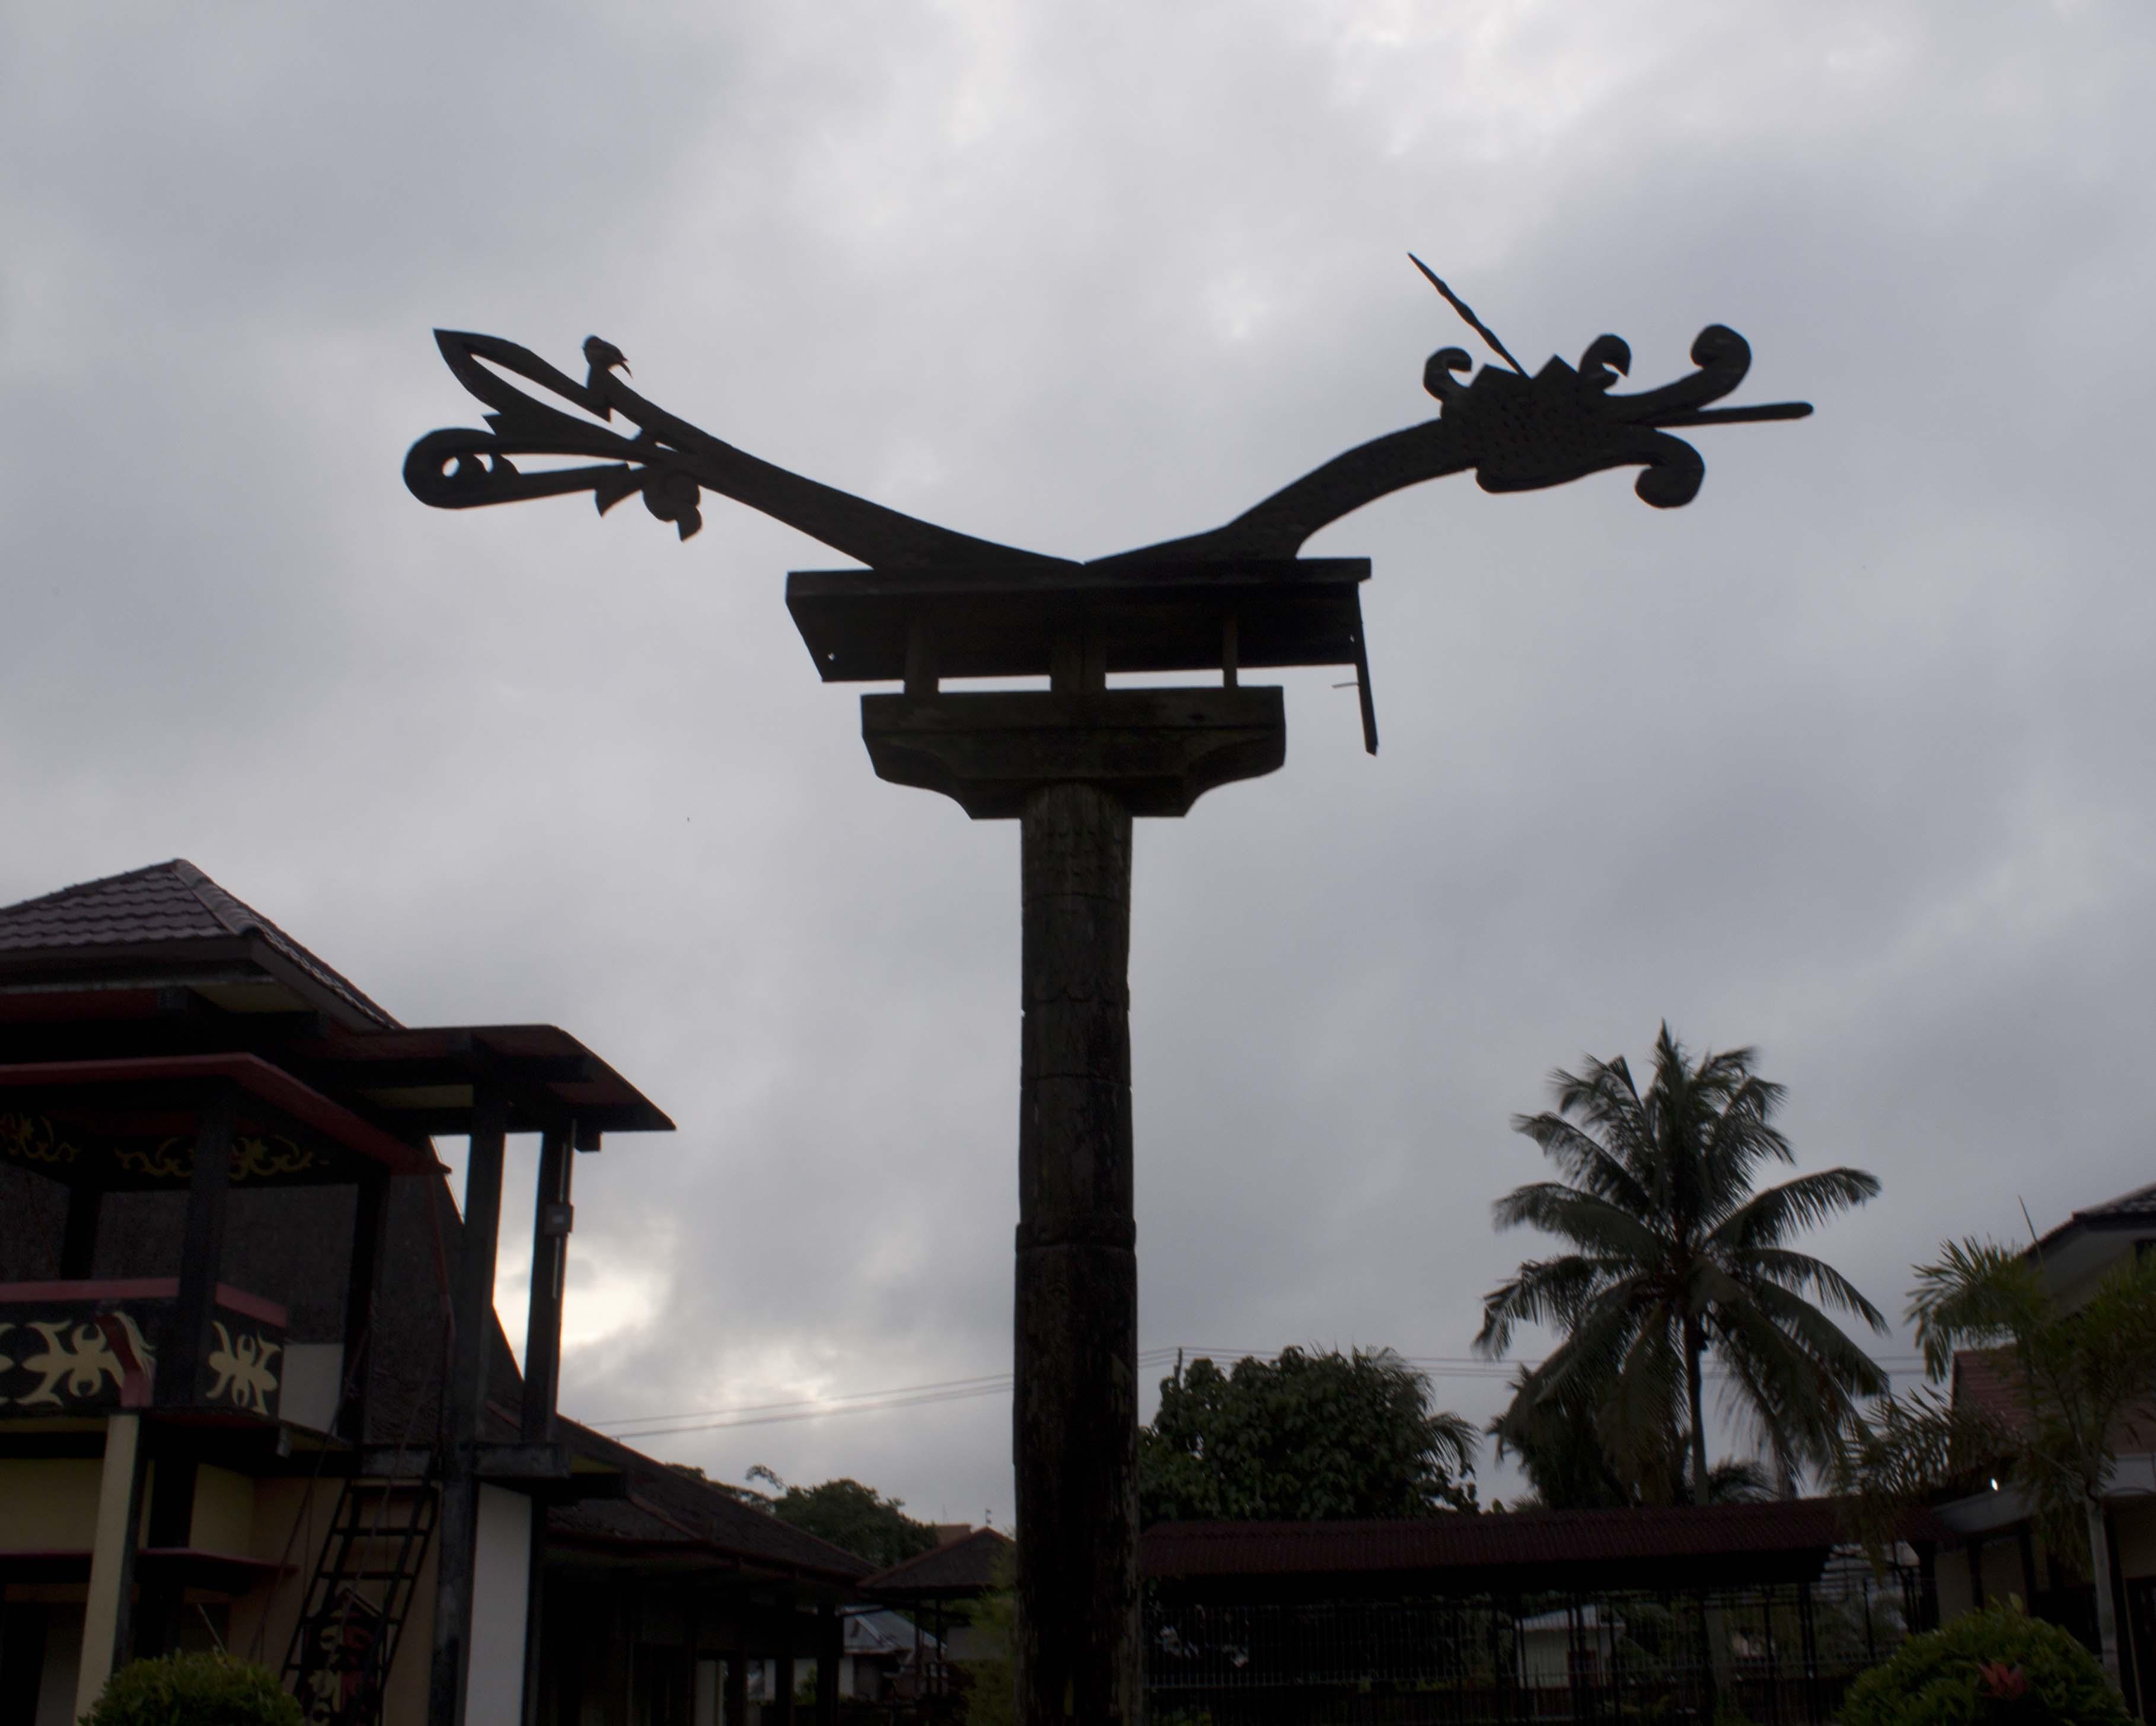 Museum Kalimantan Barat 2 Sotong Pangkong Sandung Tempat Menyimpan Abu